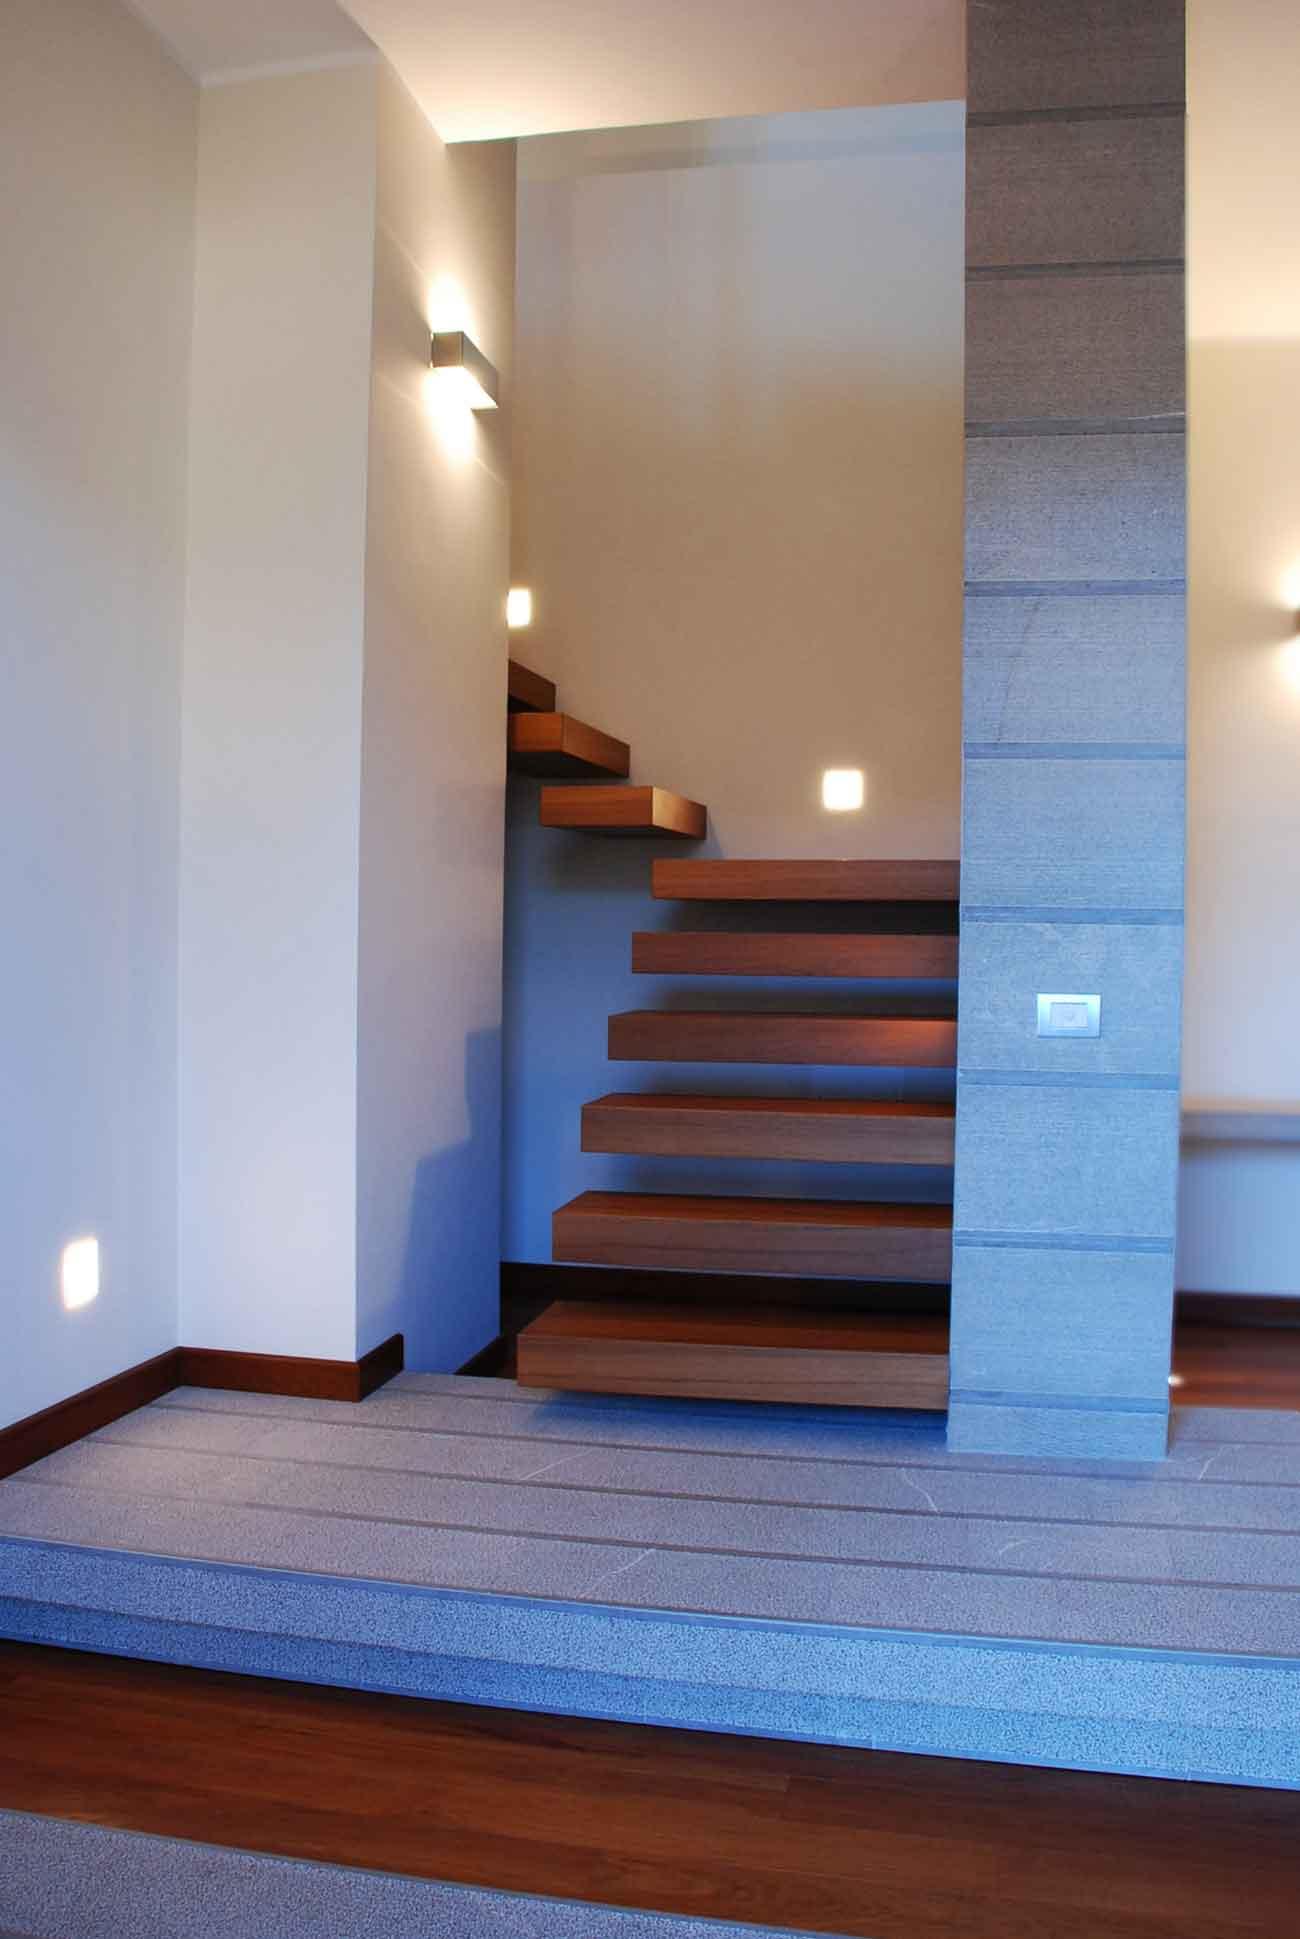 Naldi pavimenti, Allestimenti e pose, Una casa su più livelli